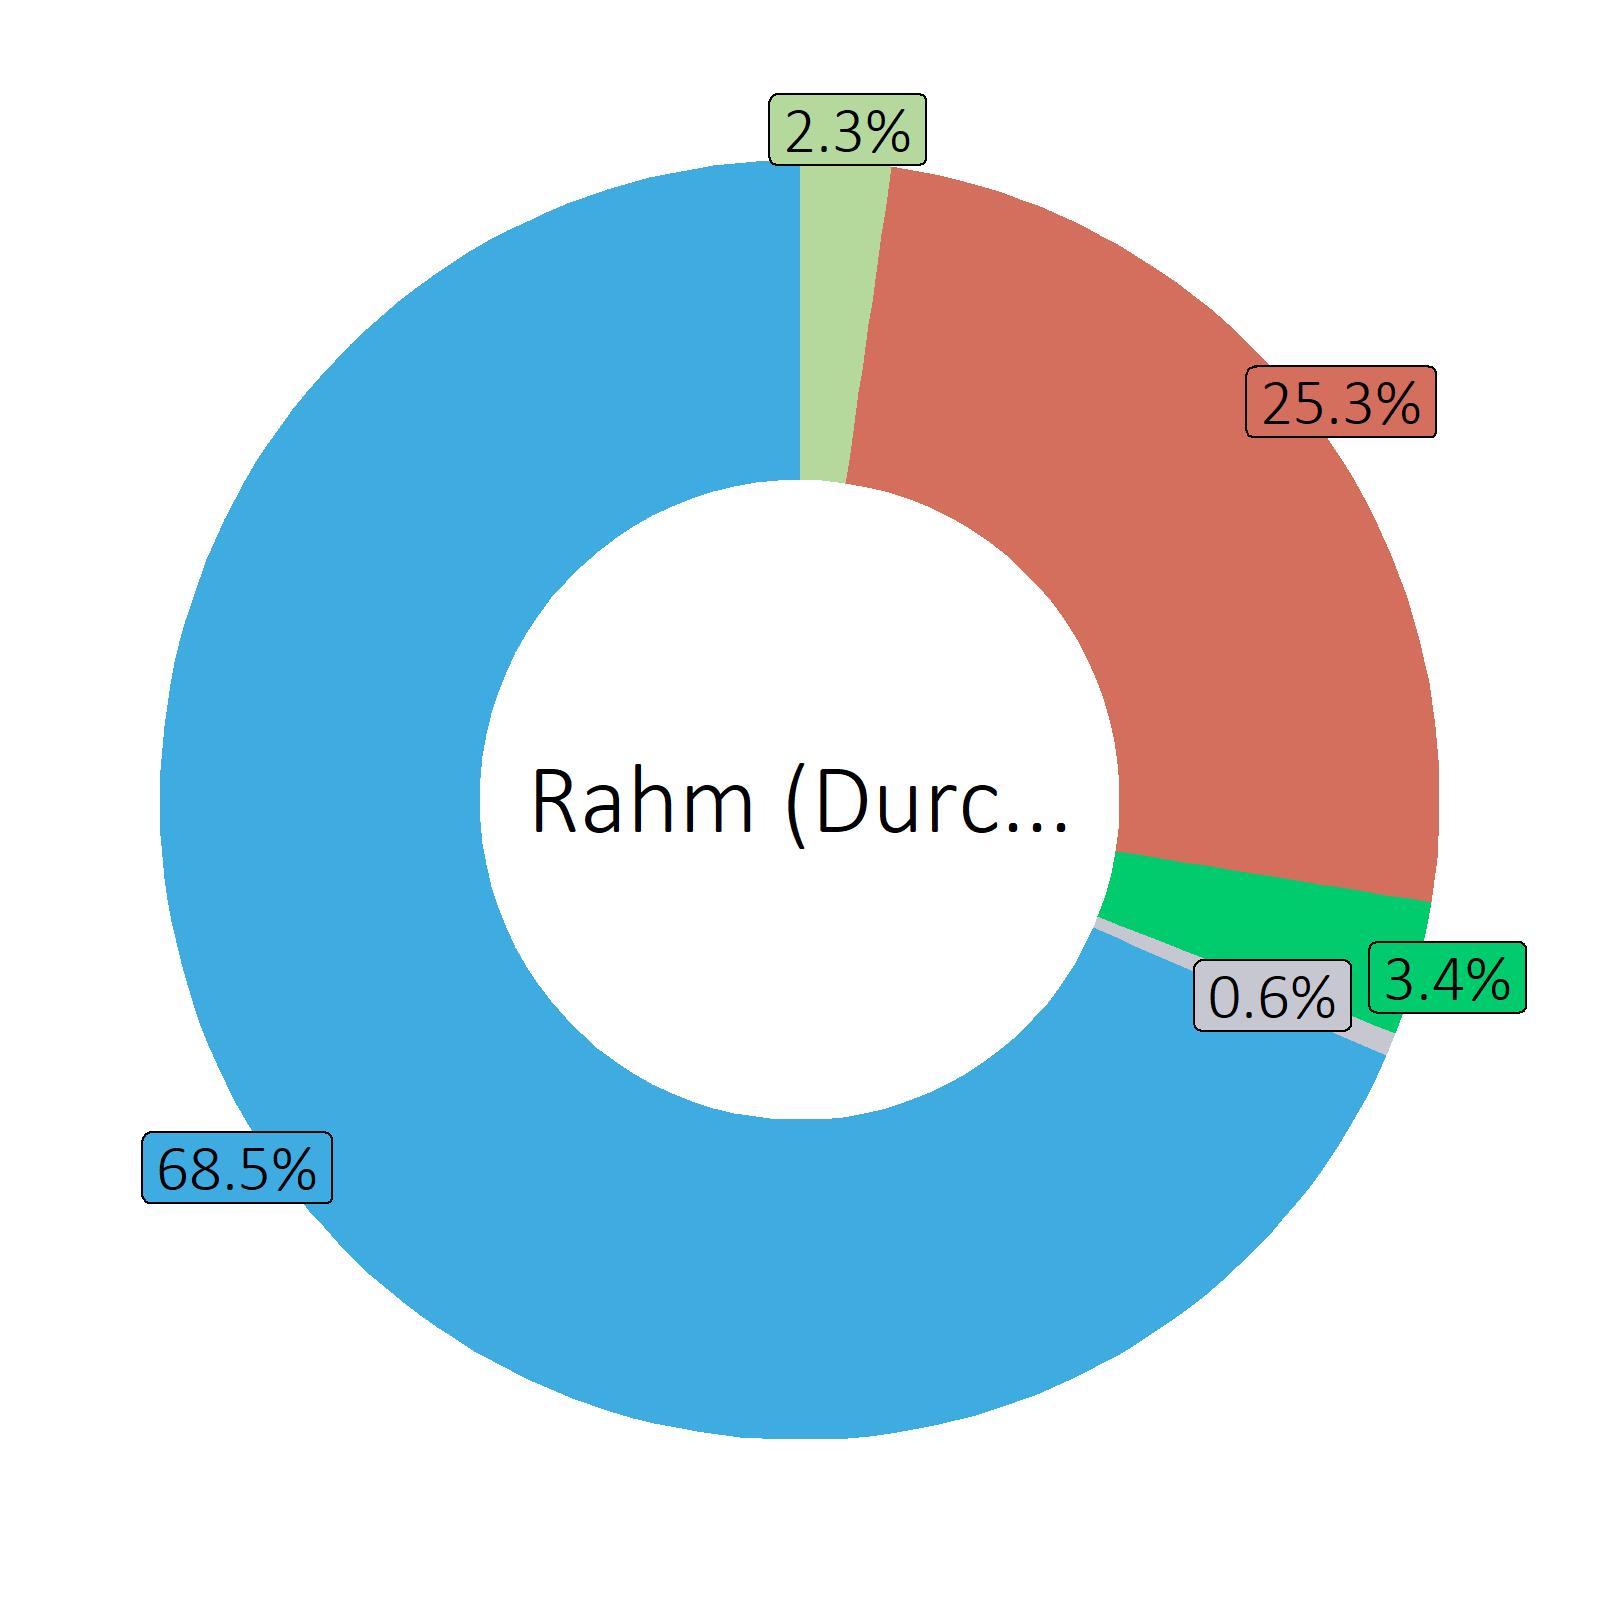 Bestandteile Rahm (Durchschnitt)